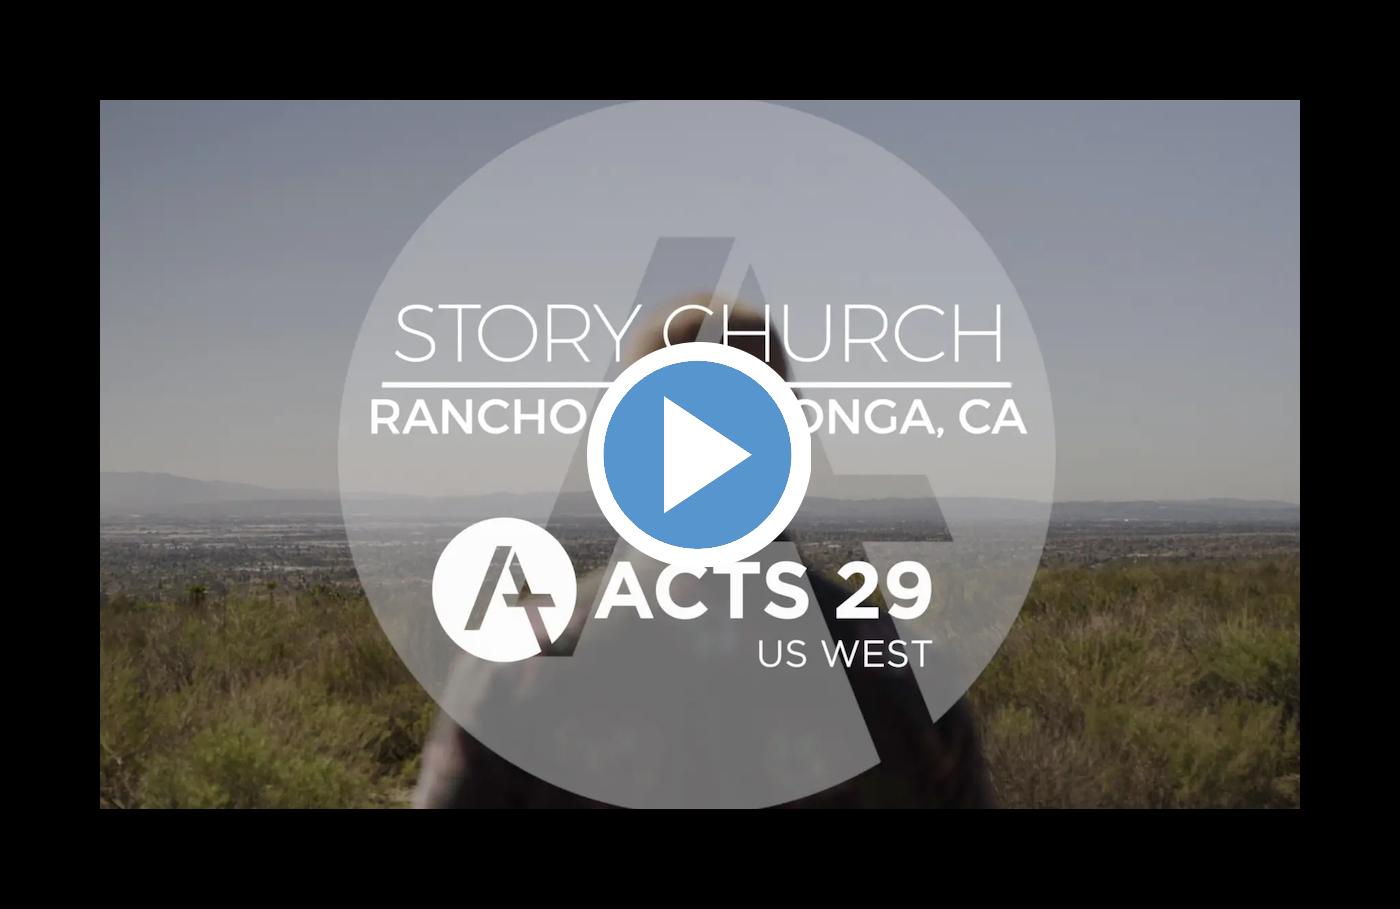 Video: Story Church